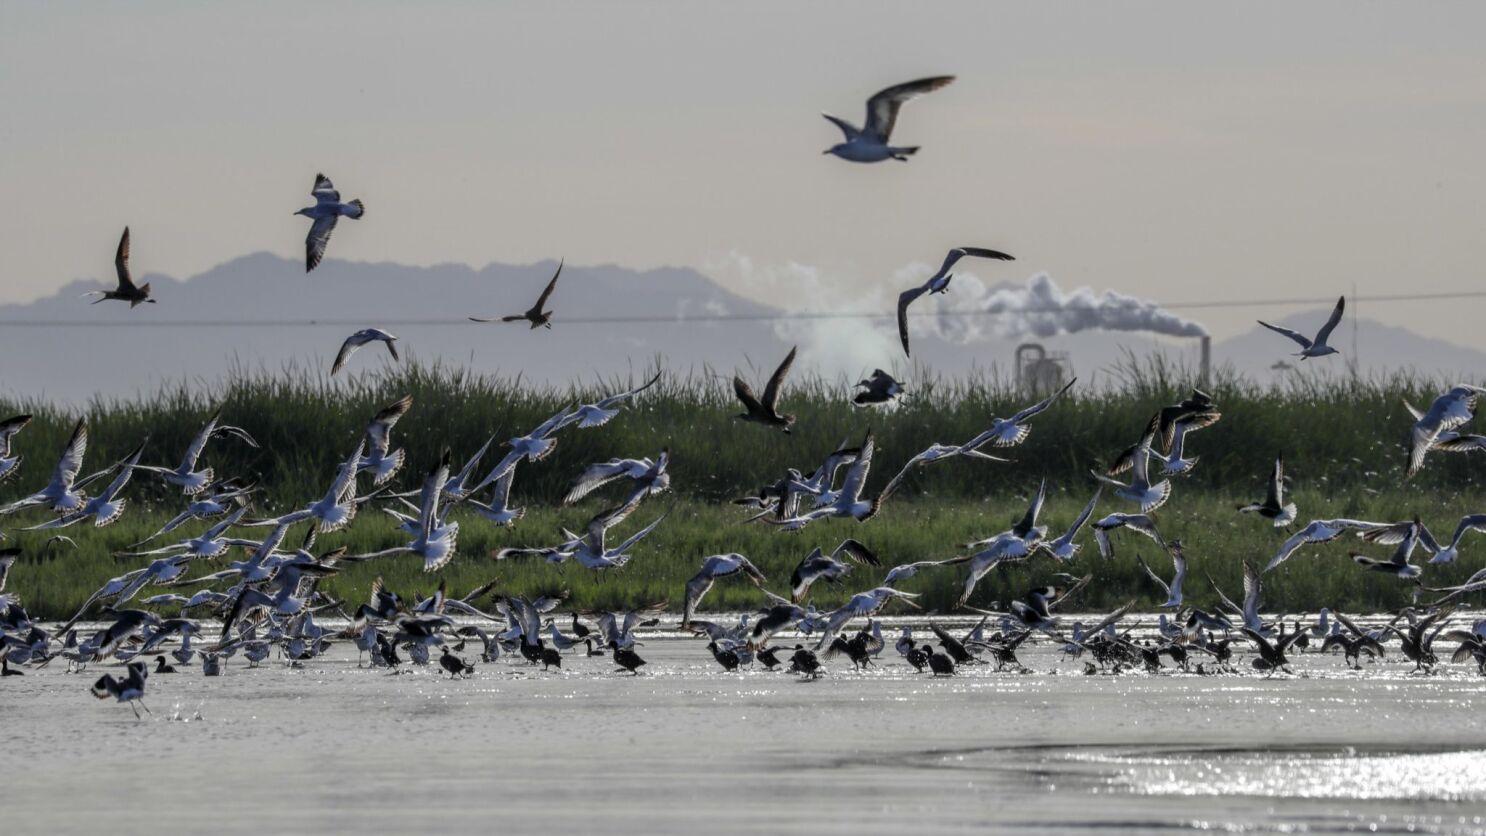 Odor advisory issued for Salton Sea area